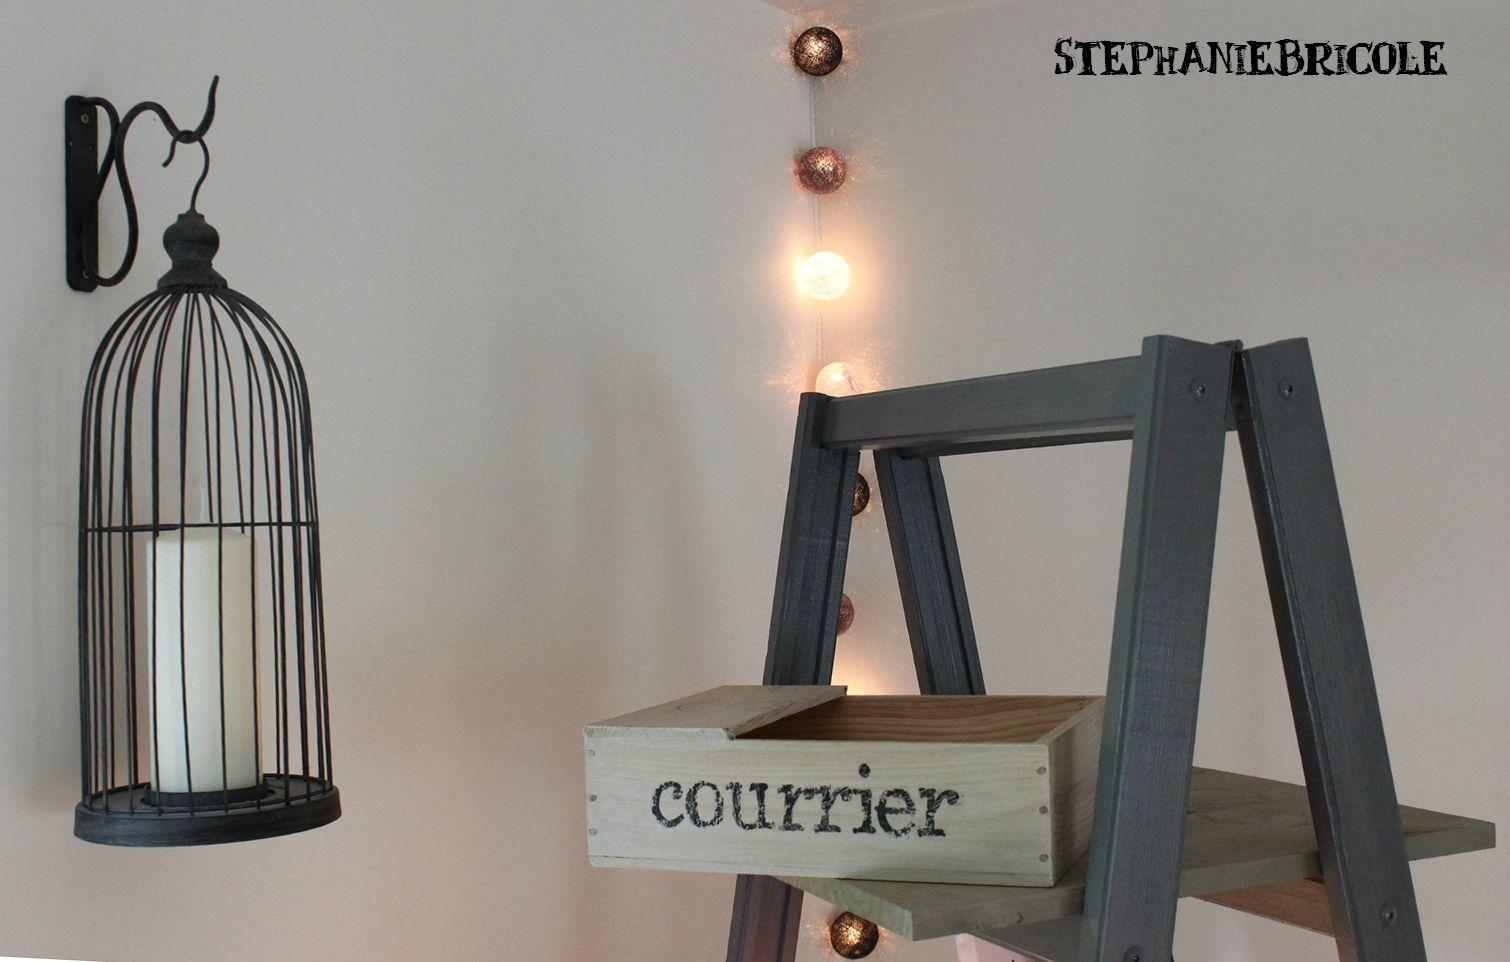 comment transf rer une image sur du bois avec du papier sulfuris decoration fun diy and. Black Bedroom Furniture Sets. Home Design Ideas